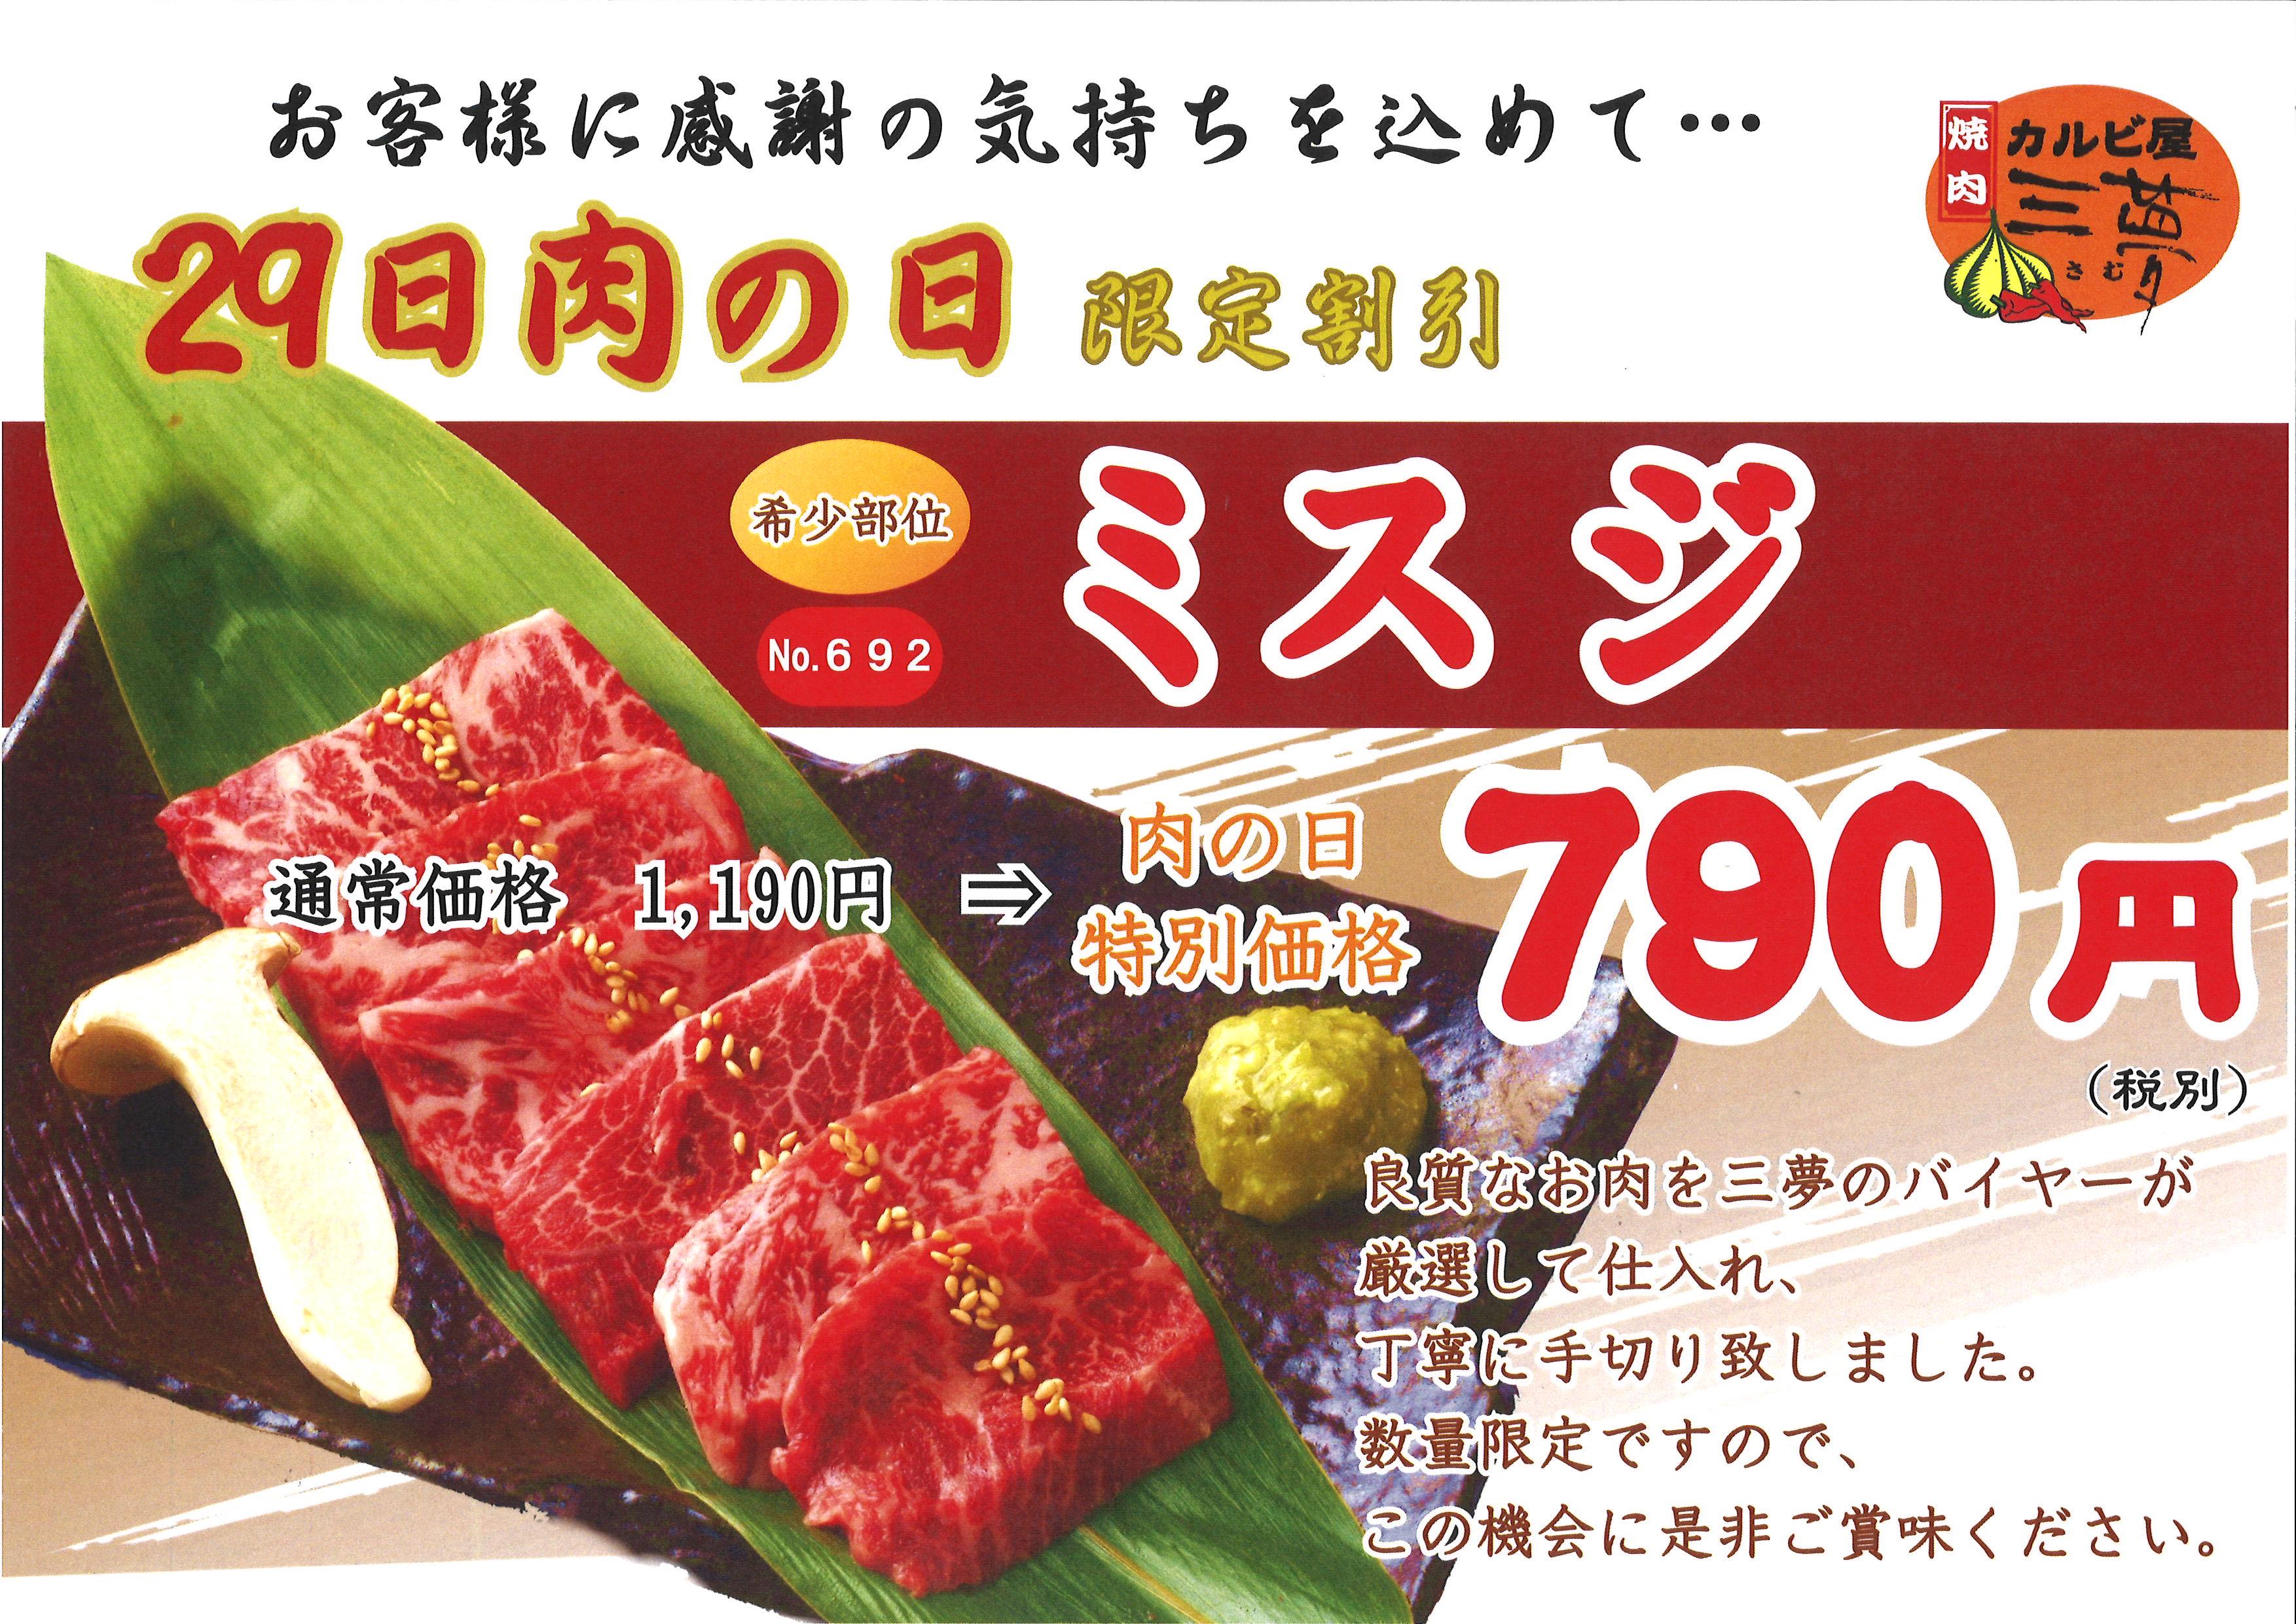 カルビ屋三夢の肉の日!!! 3月29日です!!!